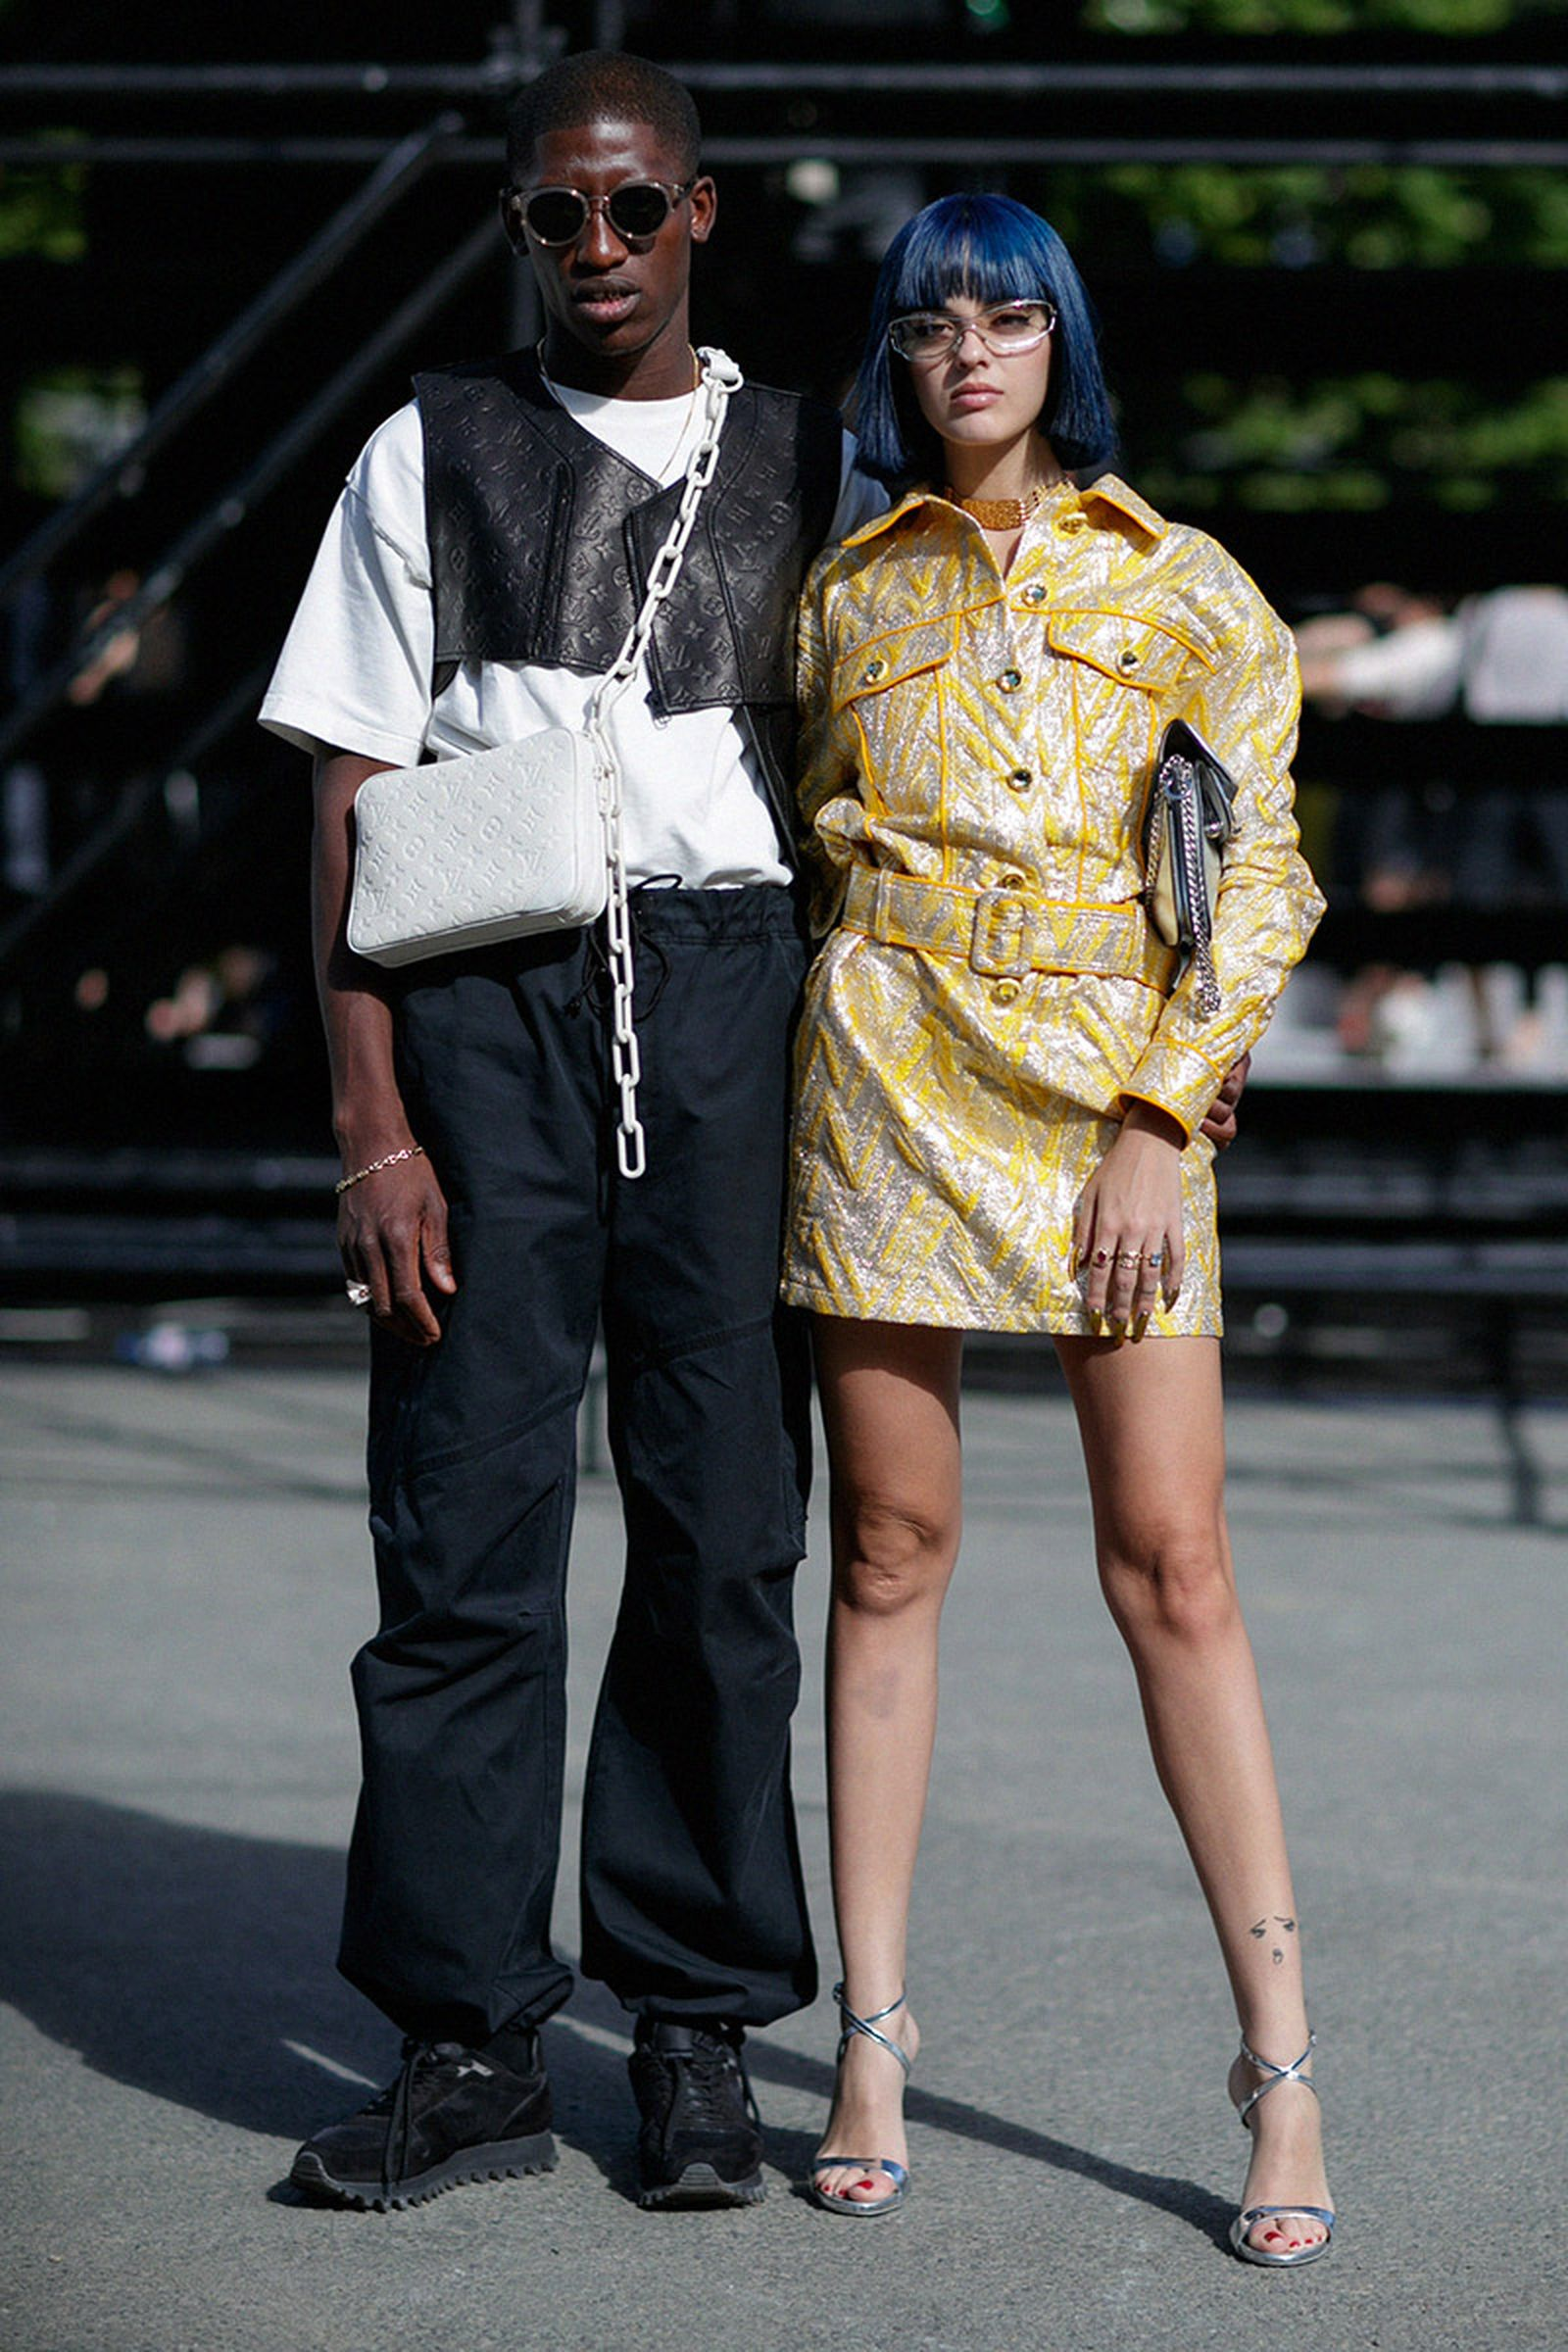 luxury streetwear brands Fendi Heron Preston Jerry Lorenzo